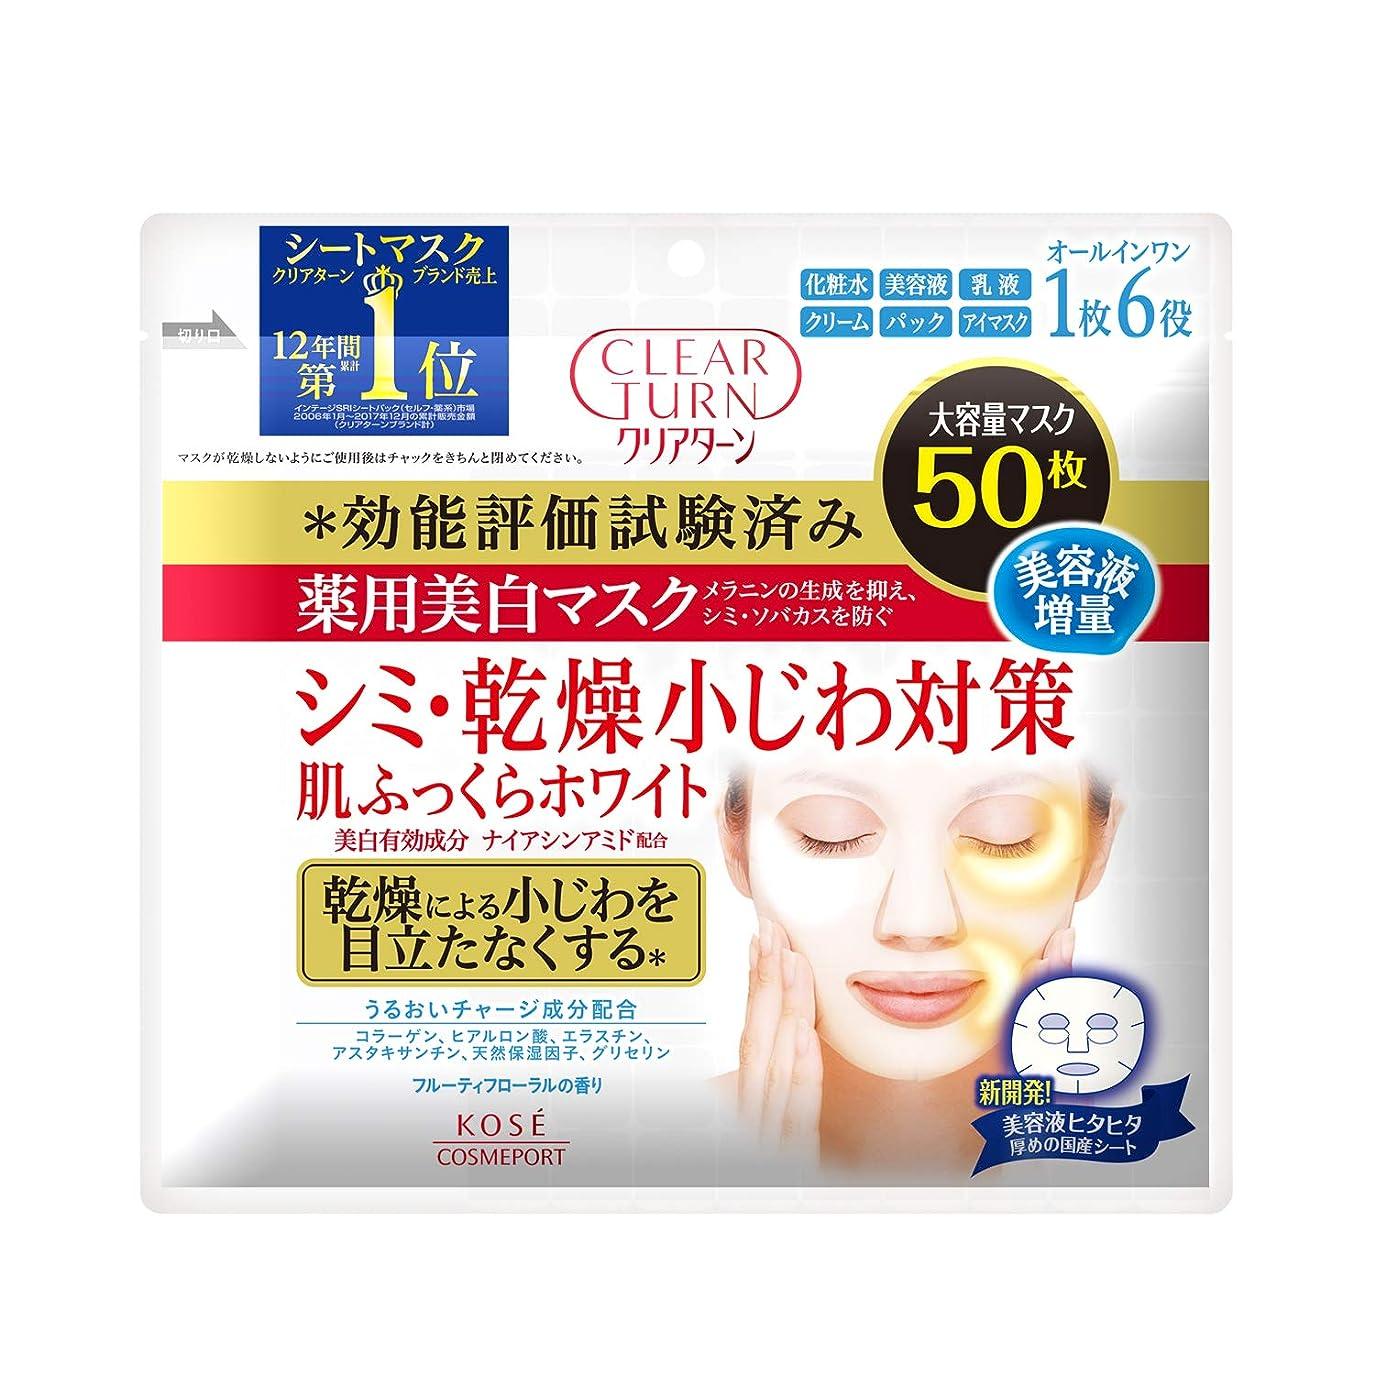 レガシーネックレット補充KOSE コーセー クリアターン 薬用美白 肌ホワイト マスク 50枚 フェイスマスク (医薬部外品)